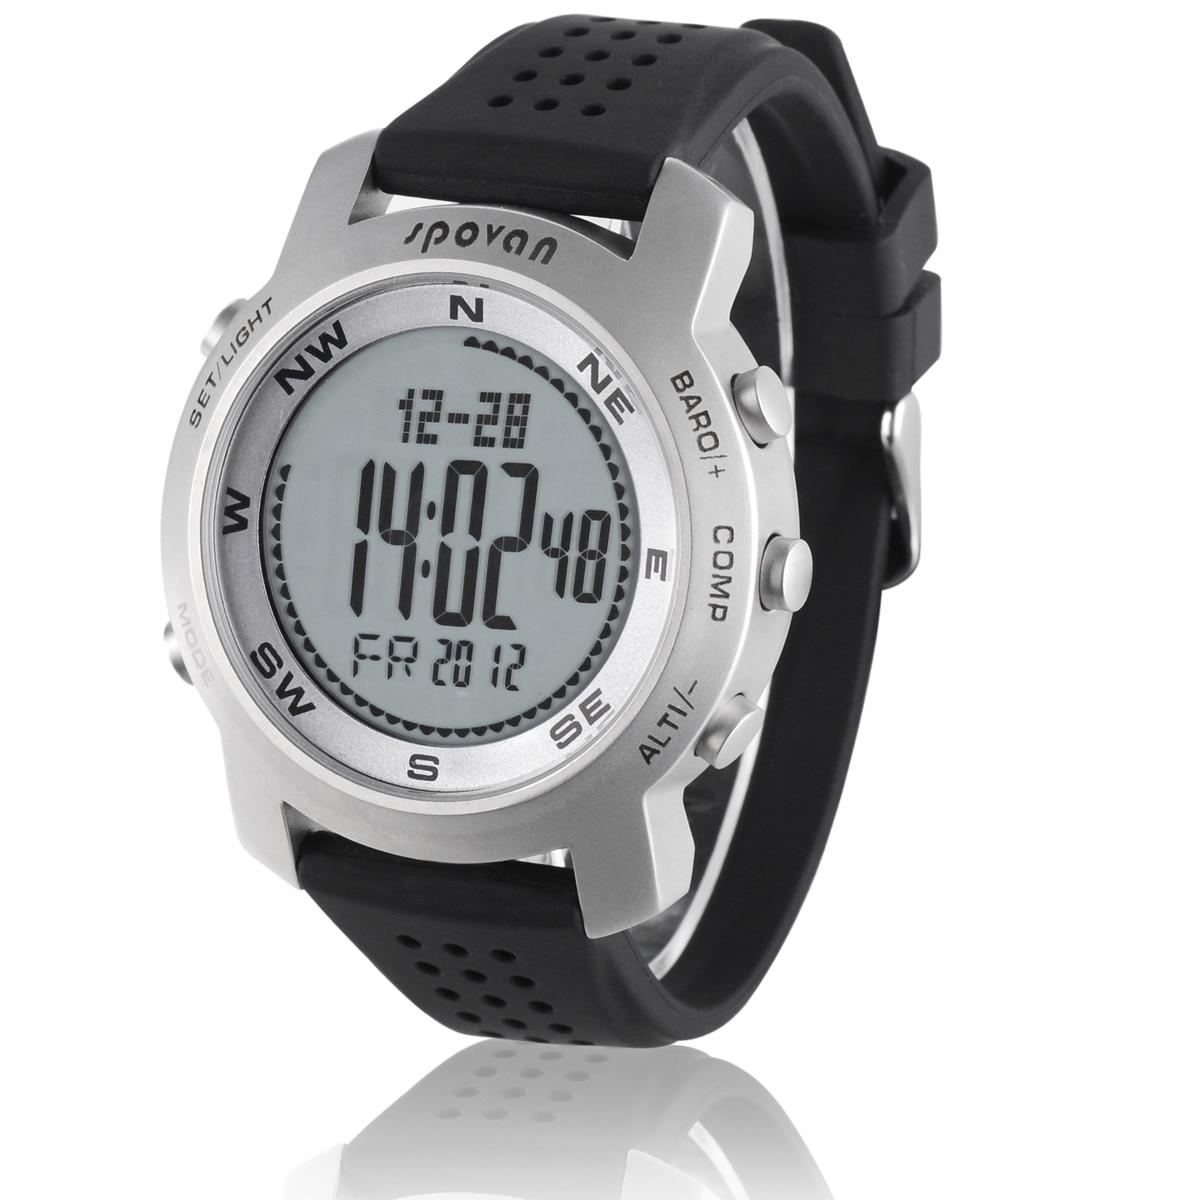 Водонепроницаемые мужские часы альтиметр барометр термометр компас прогноз погоды хронограф цифровые спортивные часы Spovan BRAVO I